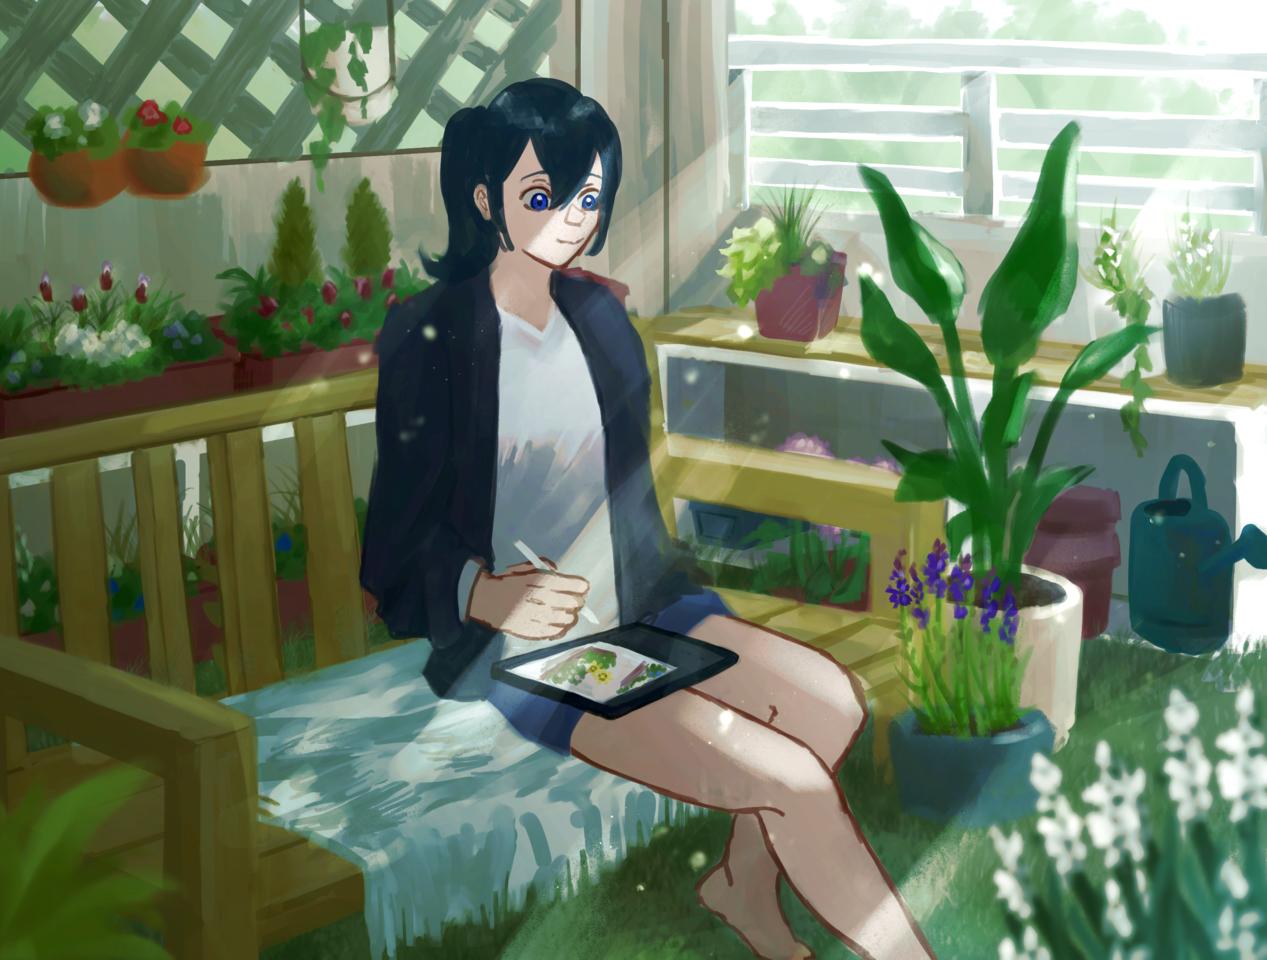 好きなものを好きなだけ Illust of ㌨メンタル。 HUAWEIイラスト&マンガコンテスト HUAWEIイラスト&マンガコンテスト:イラスト部門 植物 girl illustration